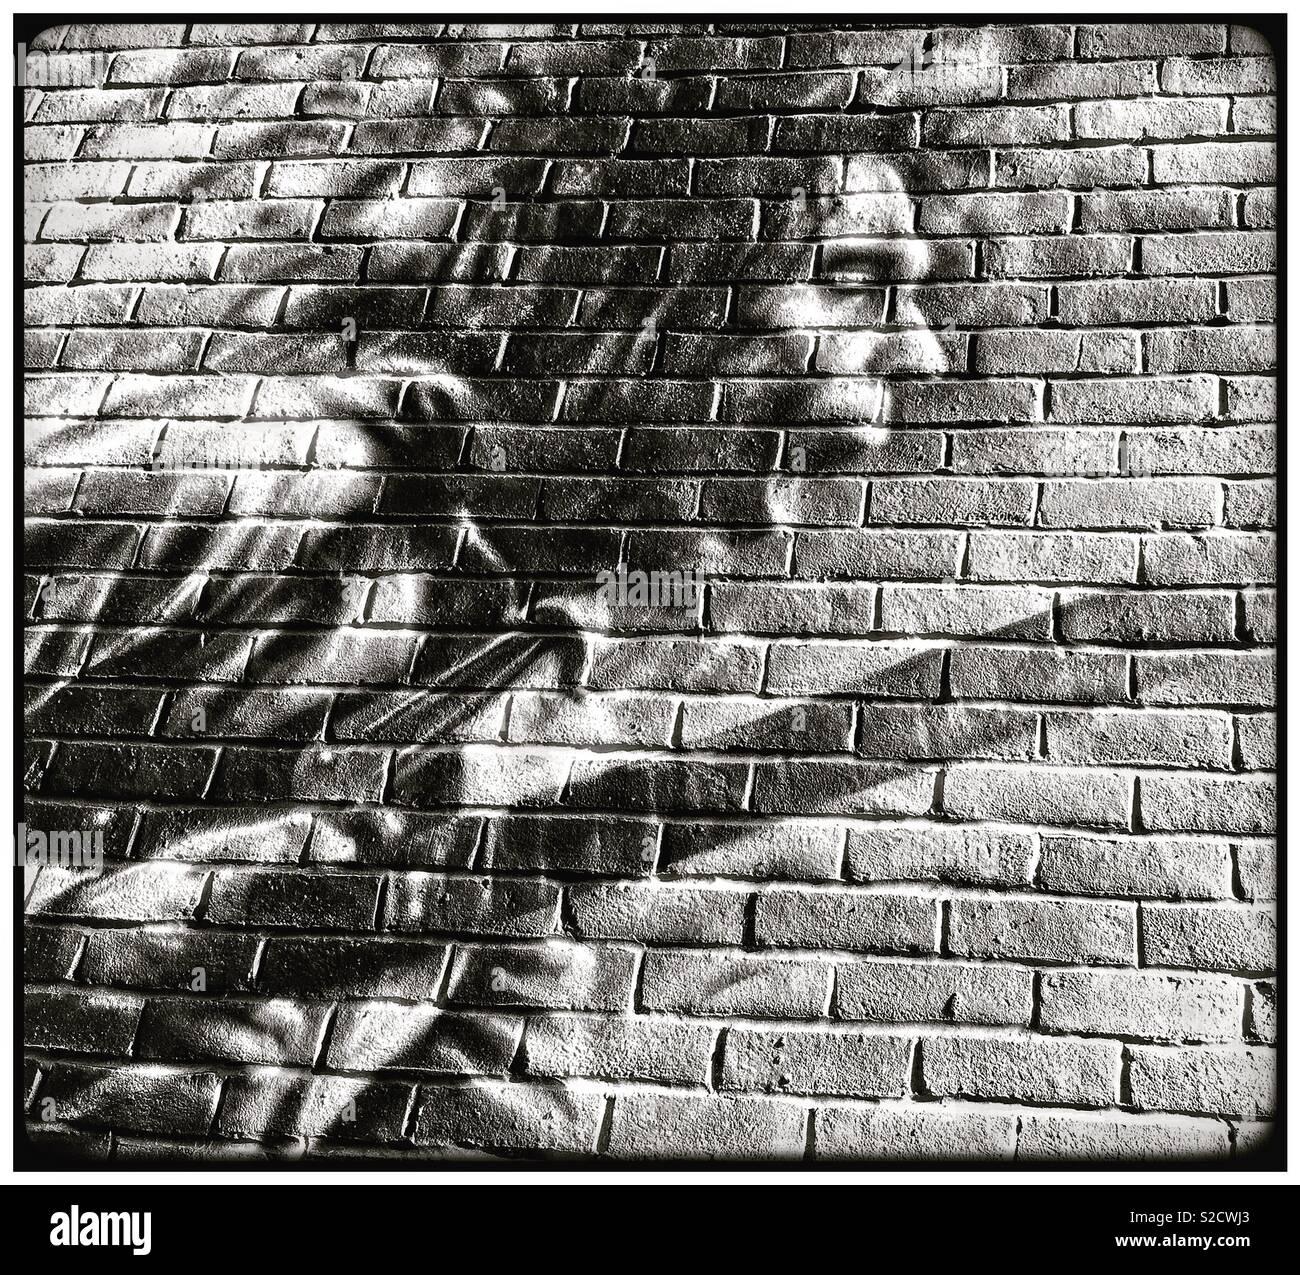 L'arte al muro in Brockley, a sud di Londra. Immagini Stock